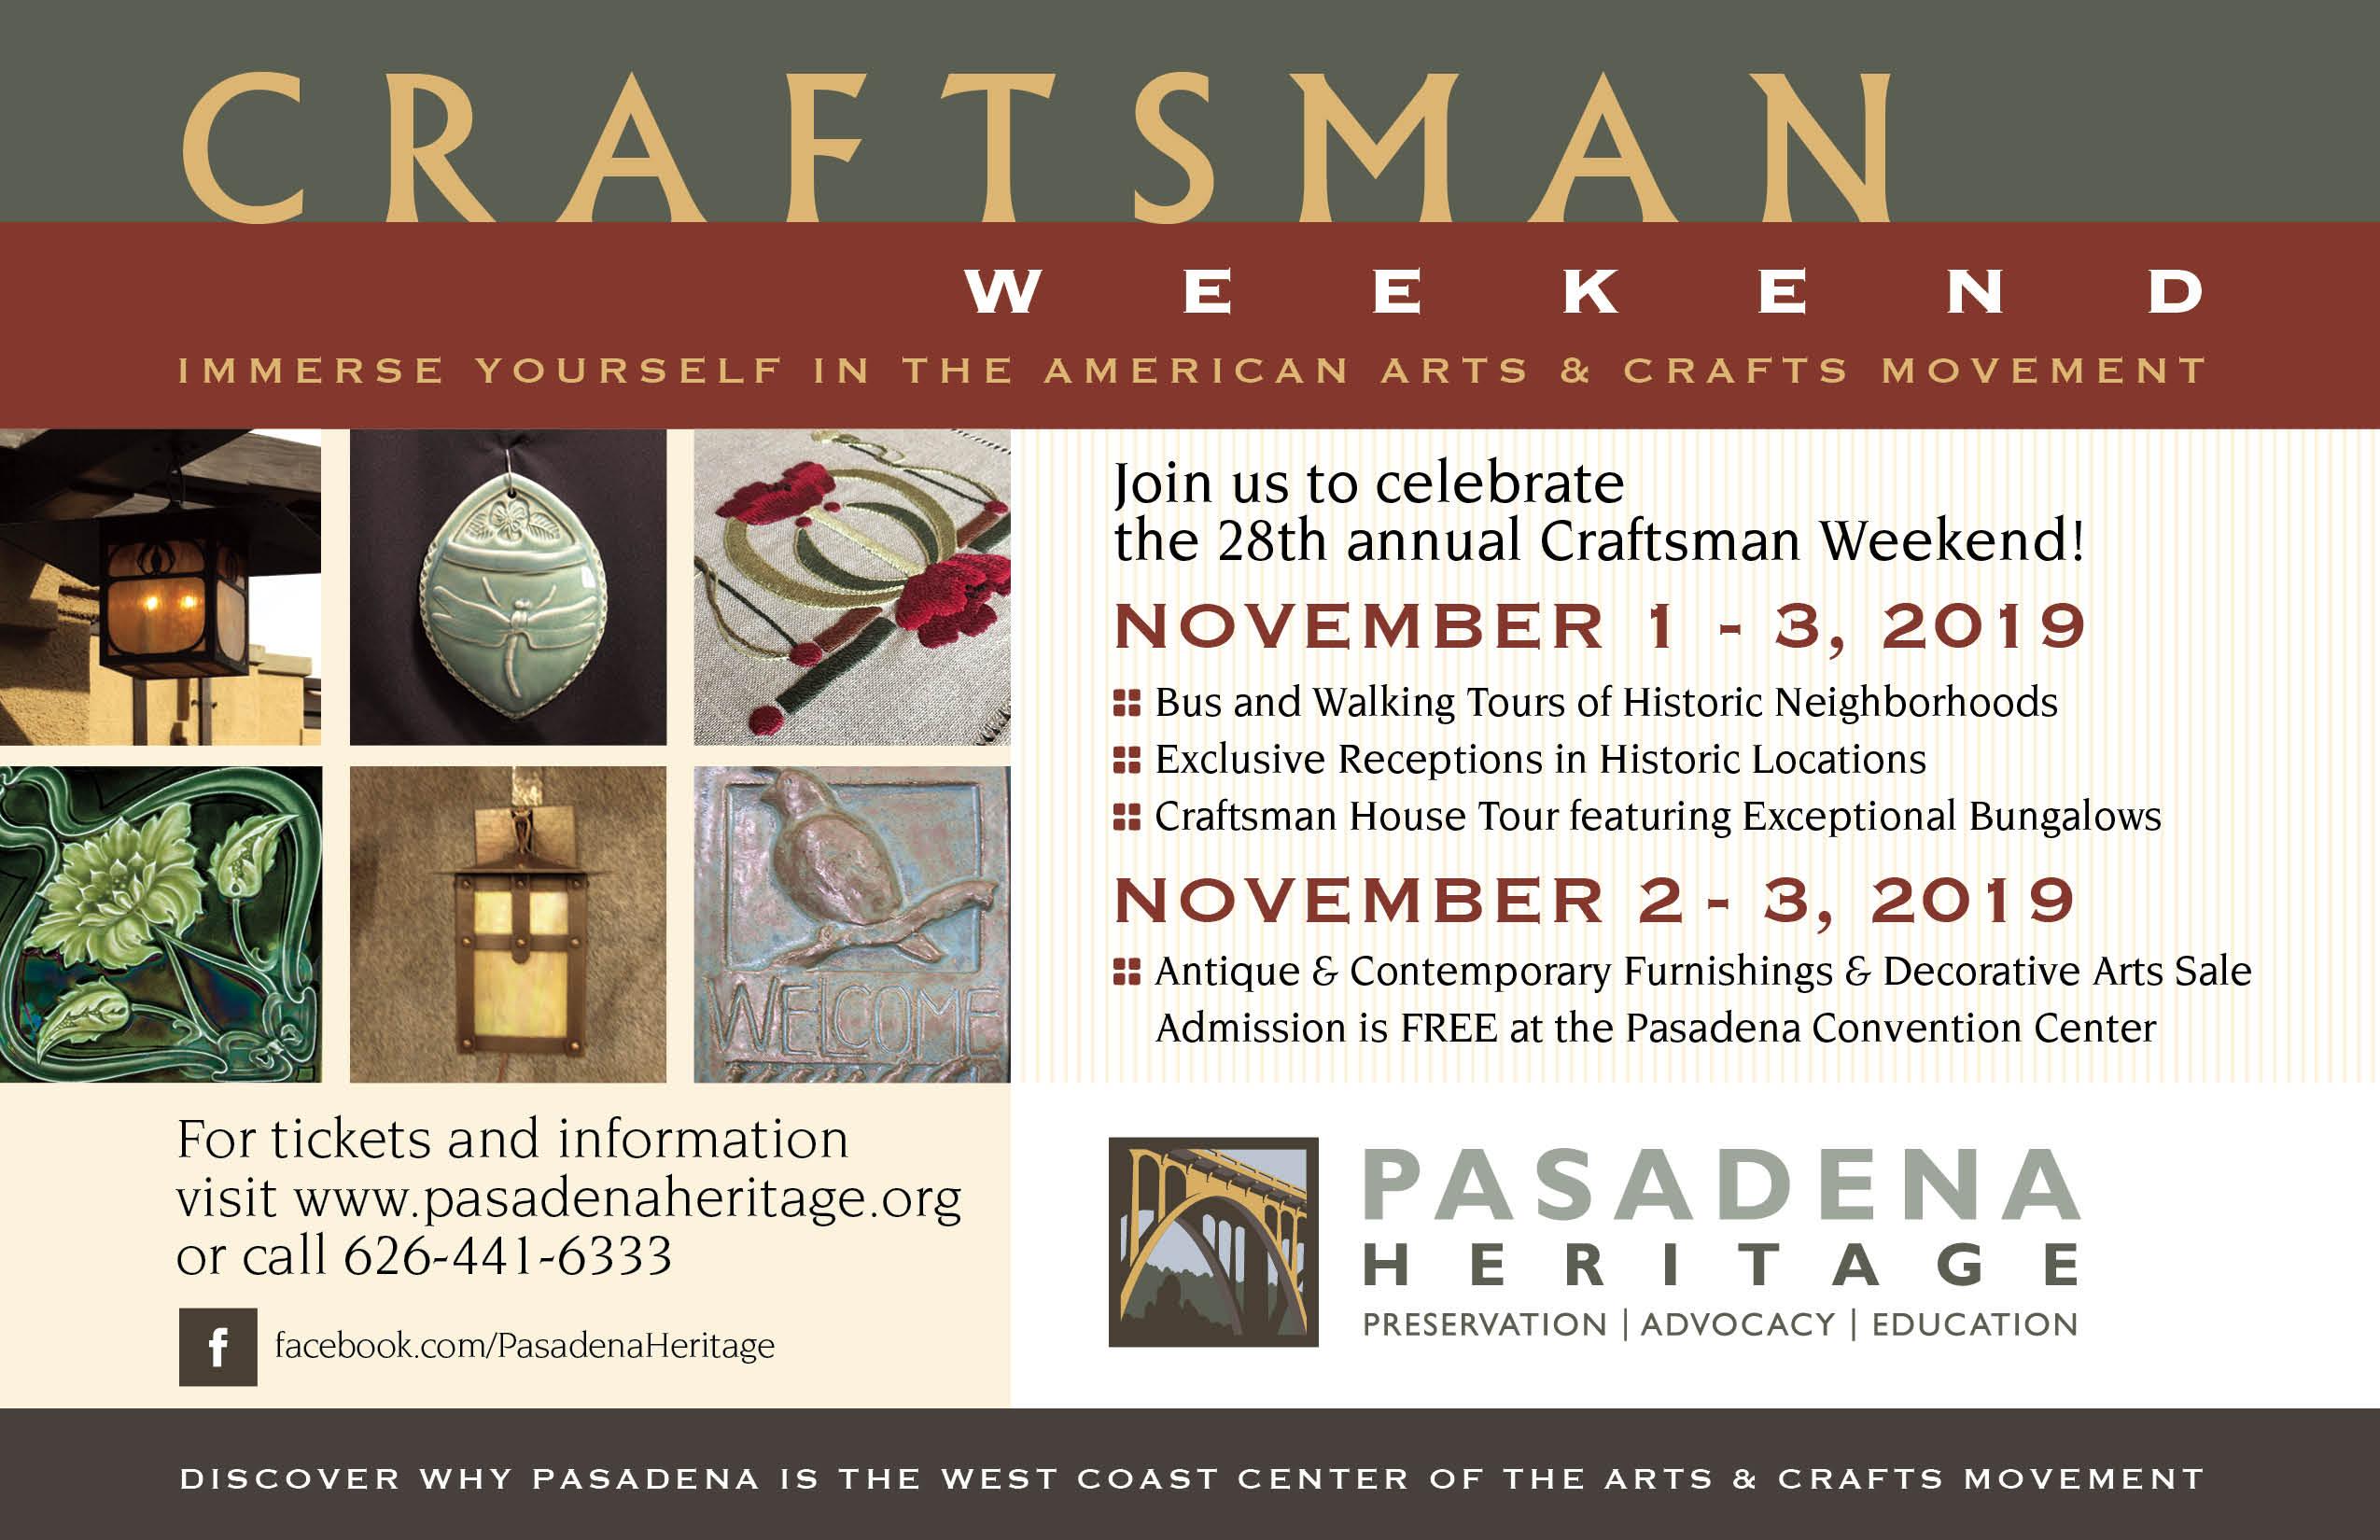 Craftsman Weekend